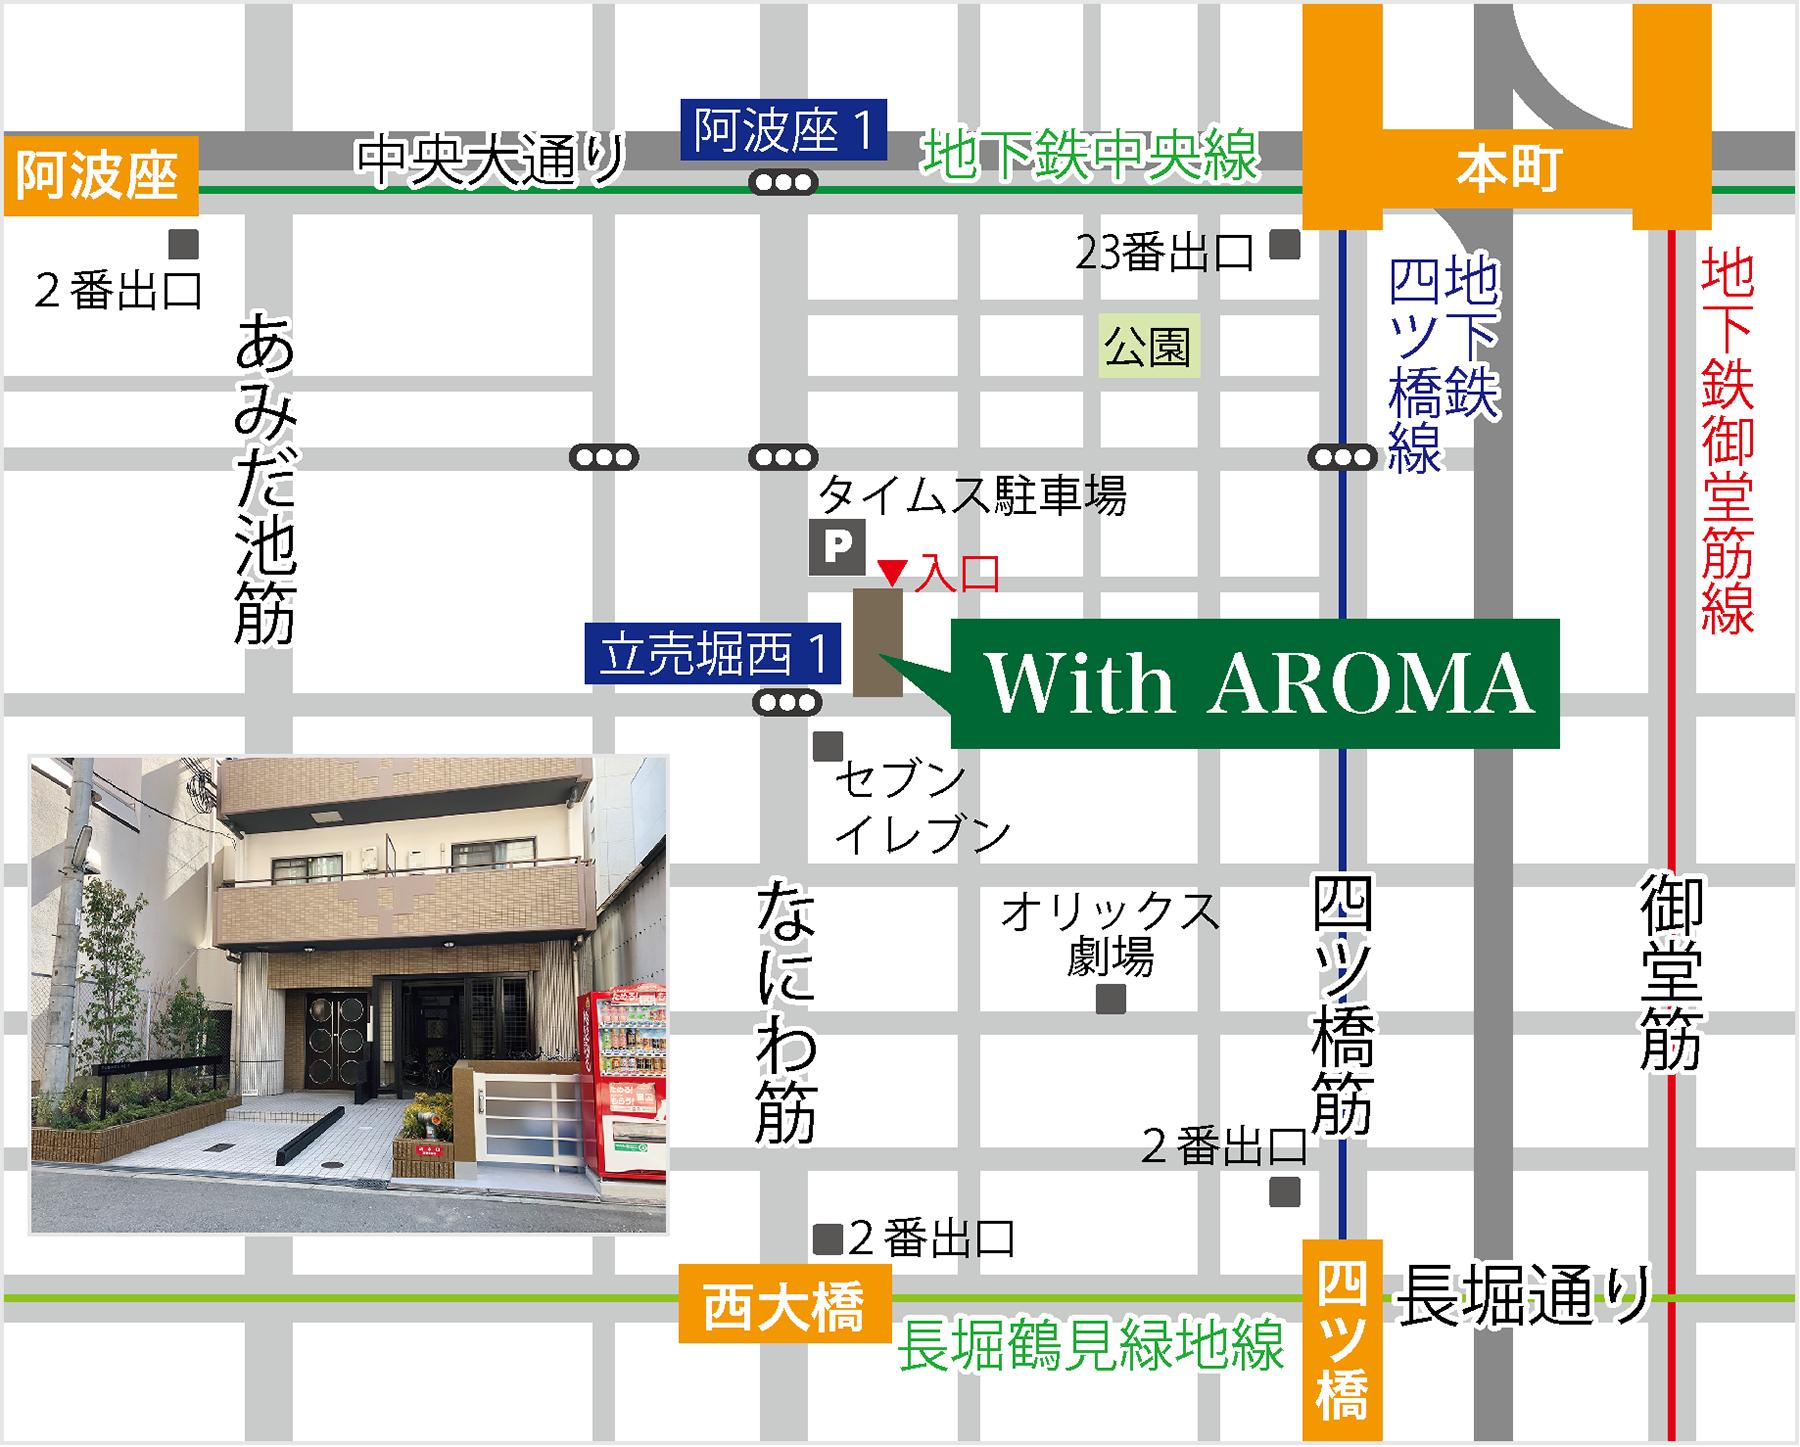 With AROMAへのアクセスマップ